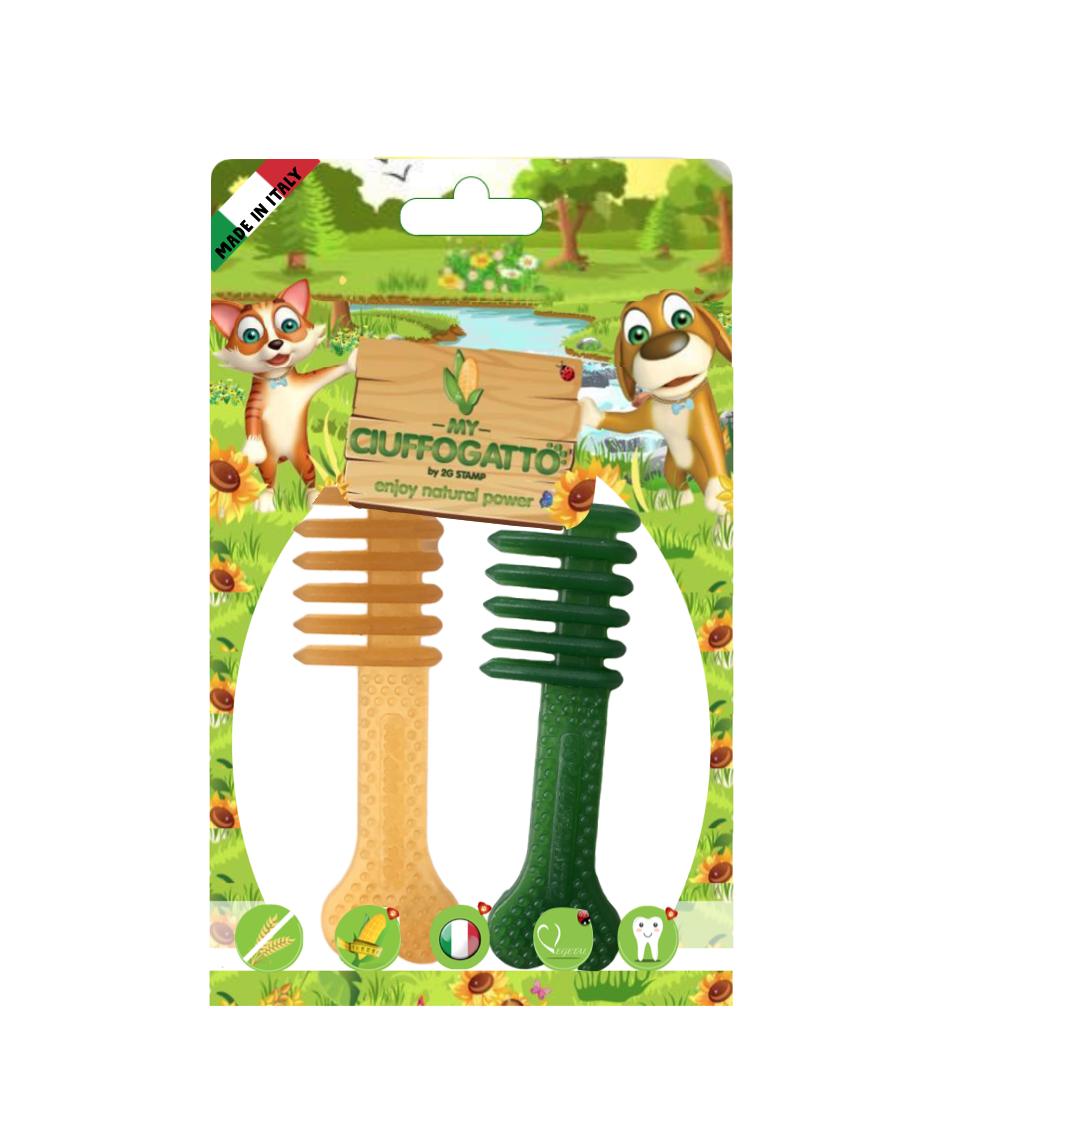 MY SPAZZOLINO - Giochi vegetali masticabili biodegradabili per cani e gatti a forma di spazzolini